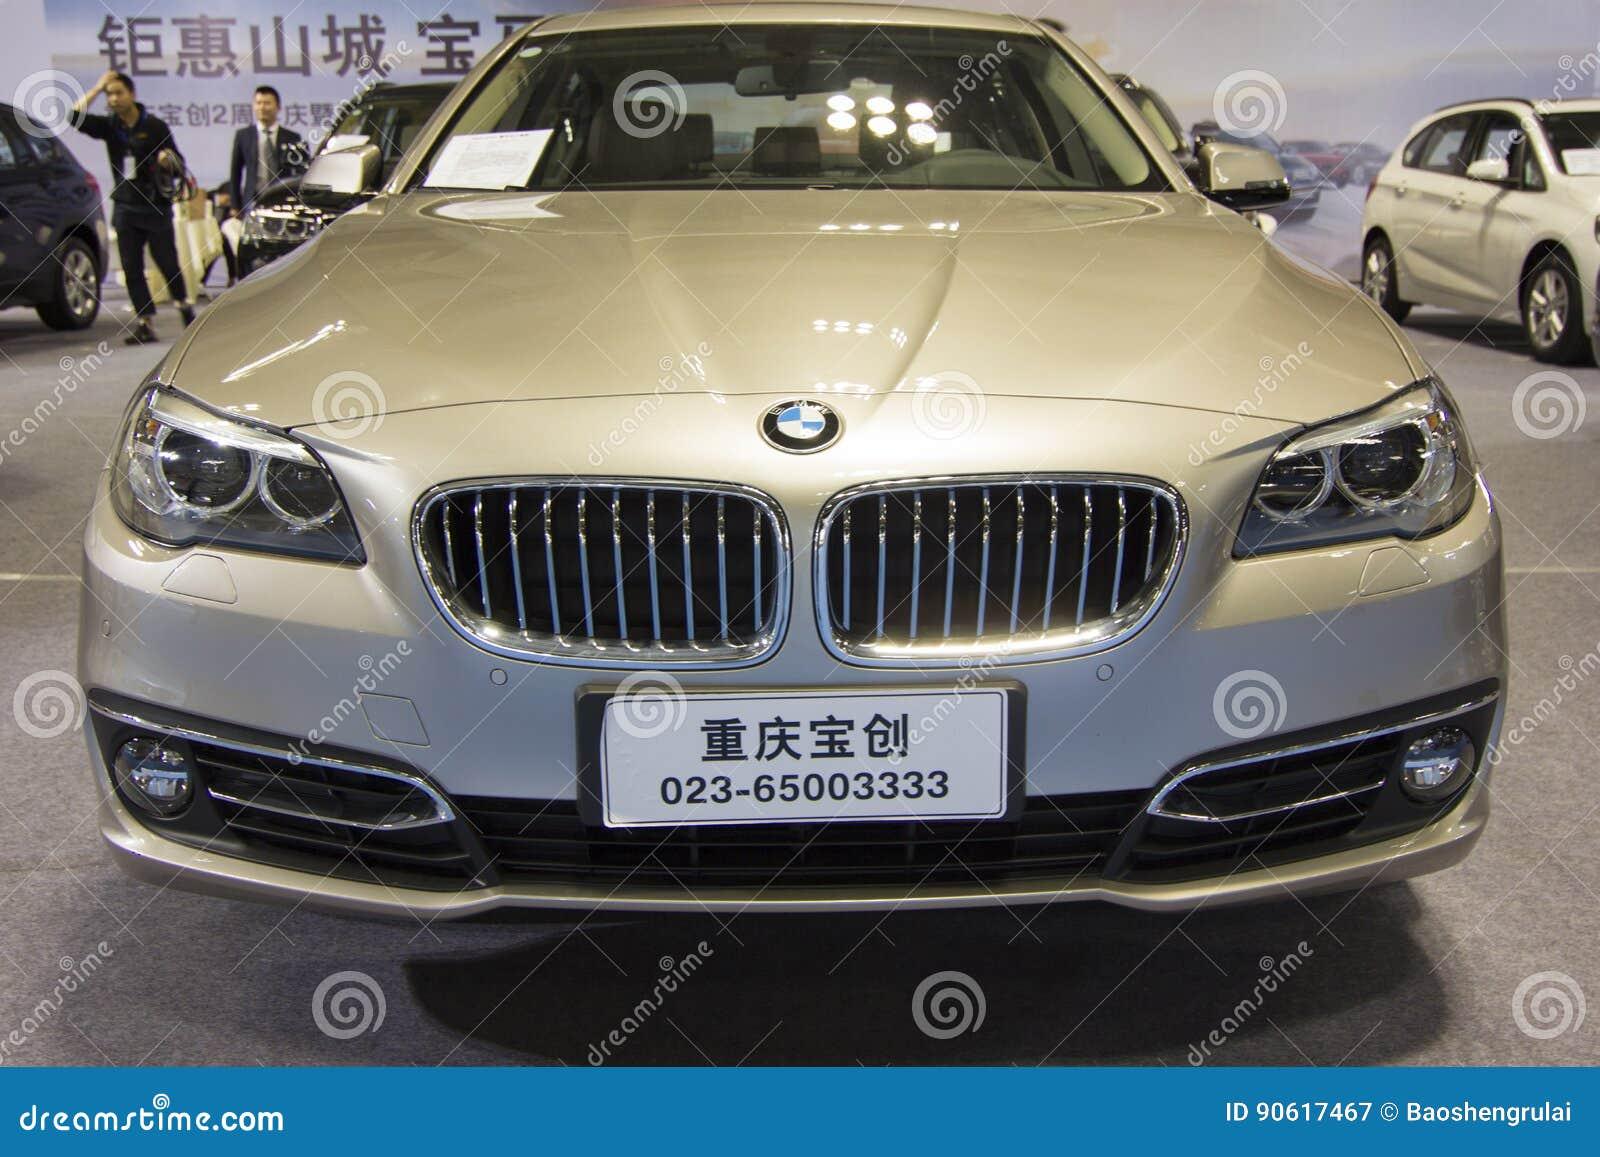 Auto show — BMW